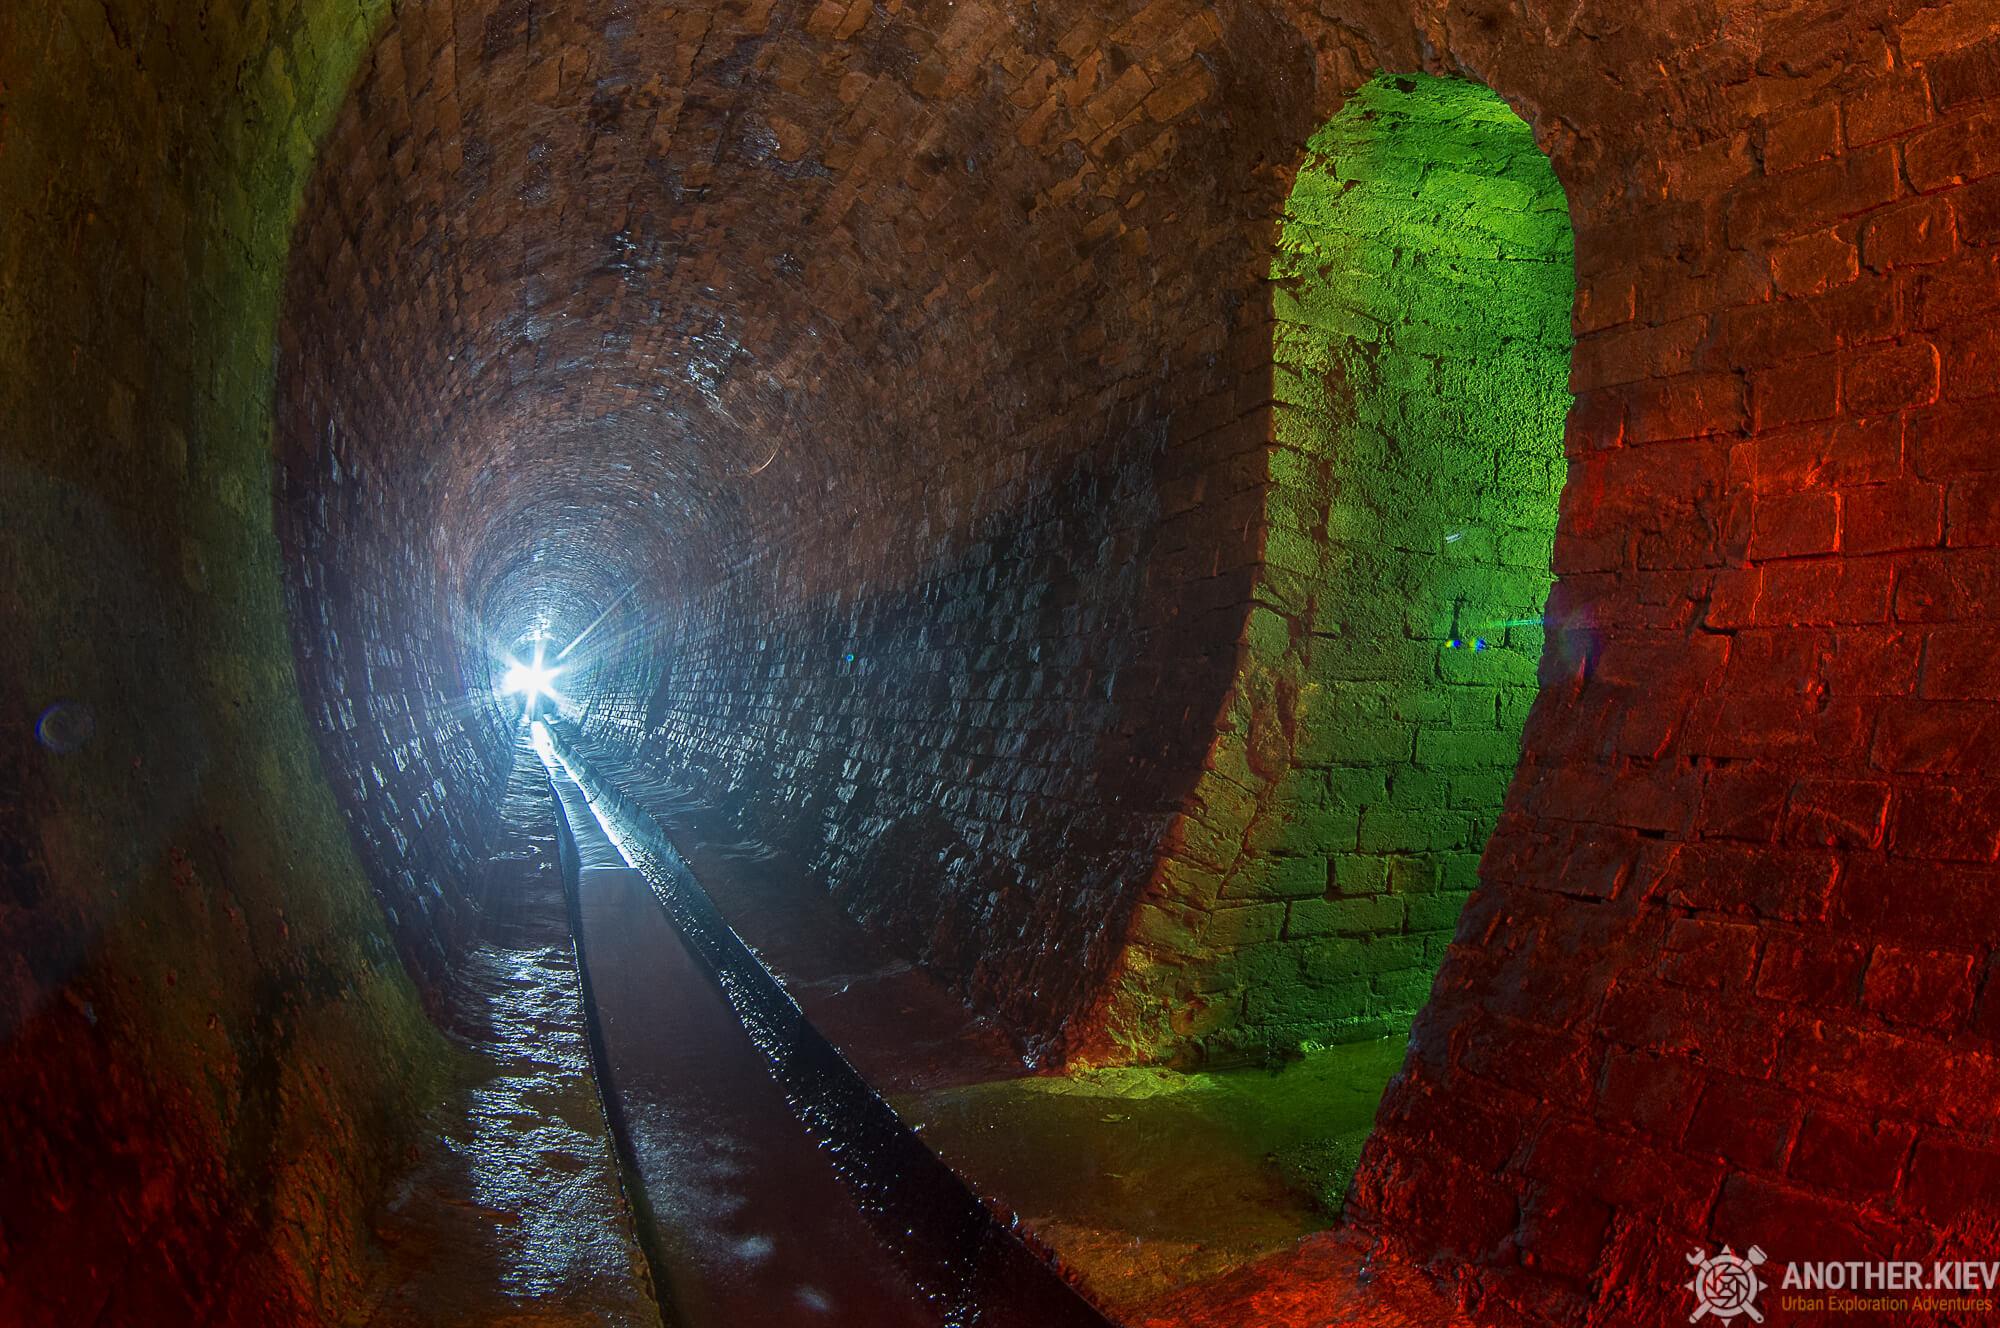 klov_IMGP3141 Туннели под Крещатиком 21/06/2019